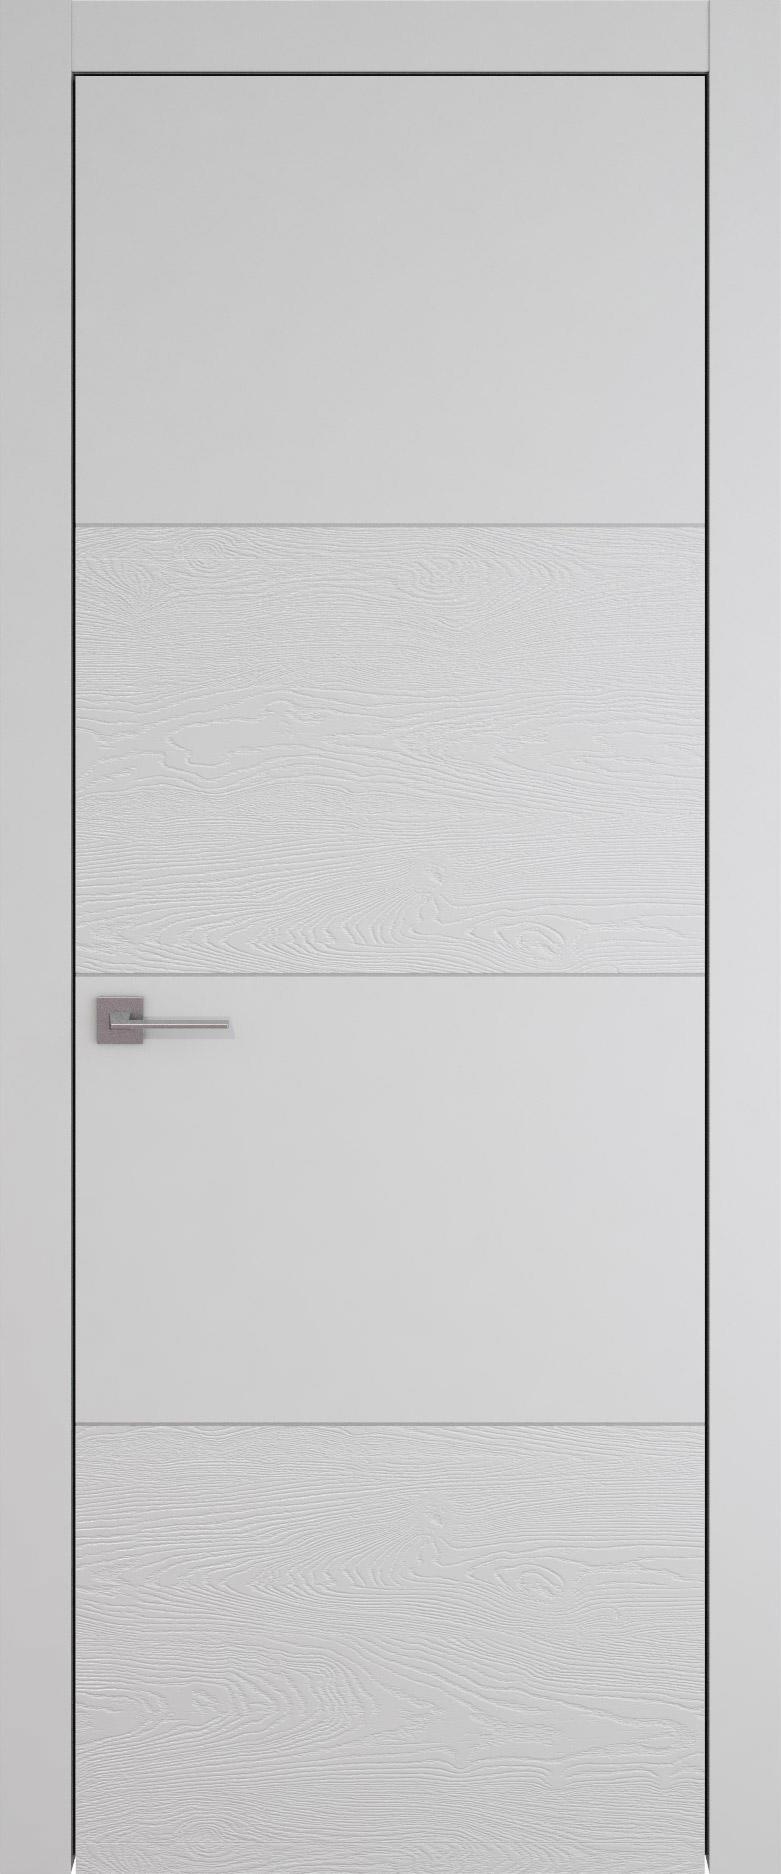 Tivoli Г-2 цвет - Серая эмаль-эмаль по шпону (RAL 7047) Без стекла (ДГ)